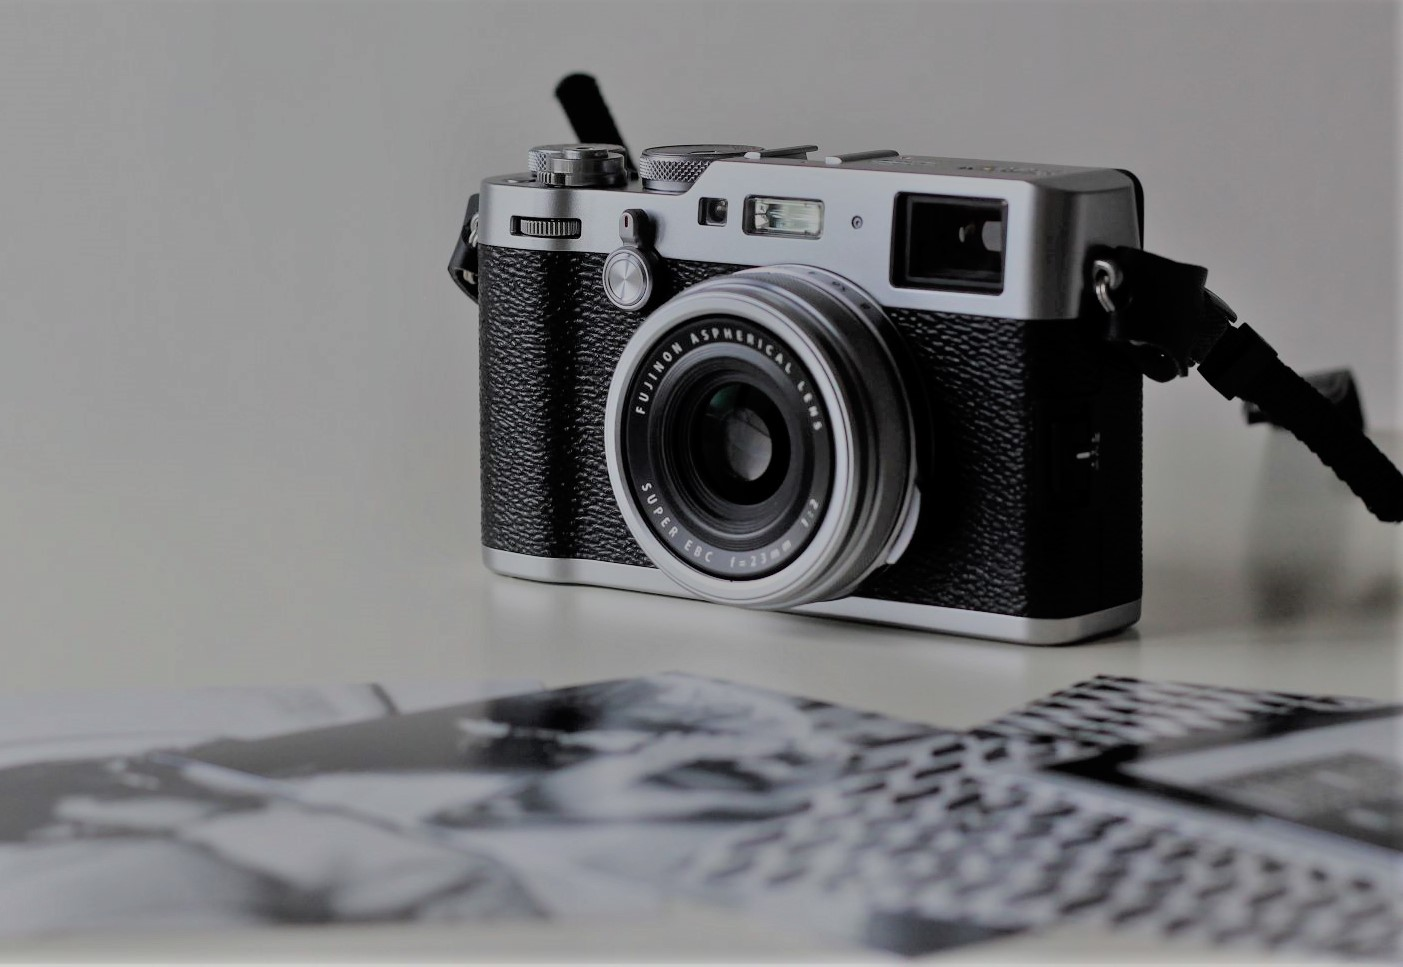 Fujifilm Dynamic Range Explained